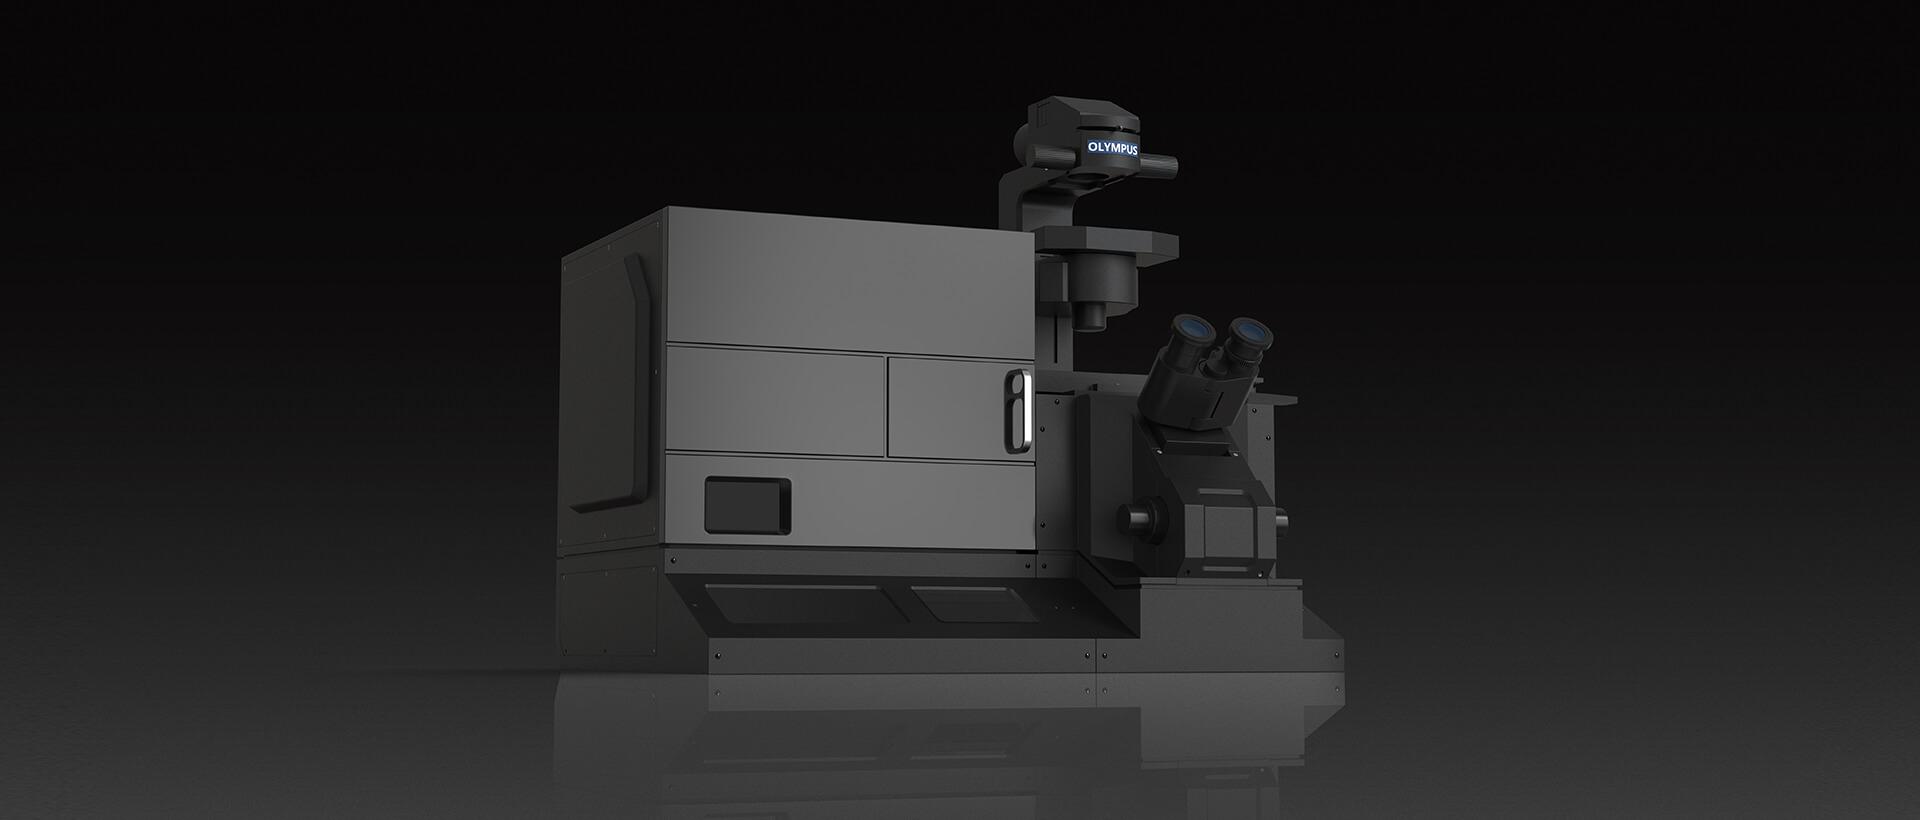 單細胞生物物理特性檢測分析儀01